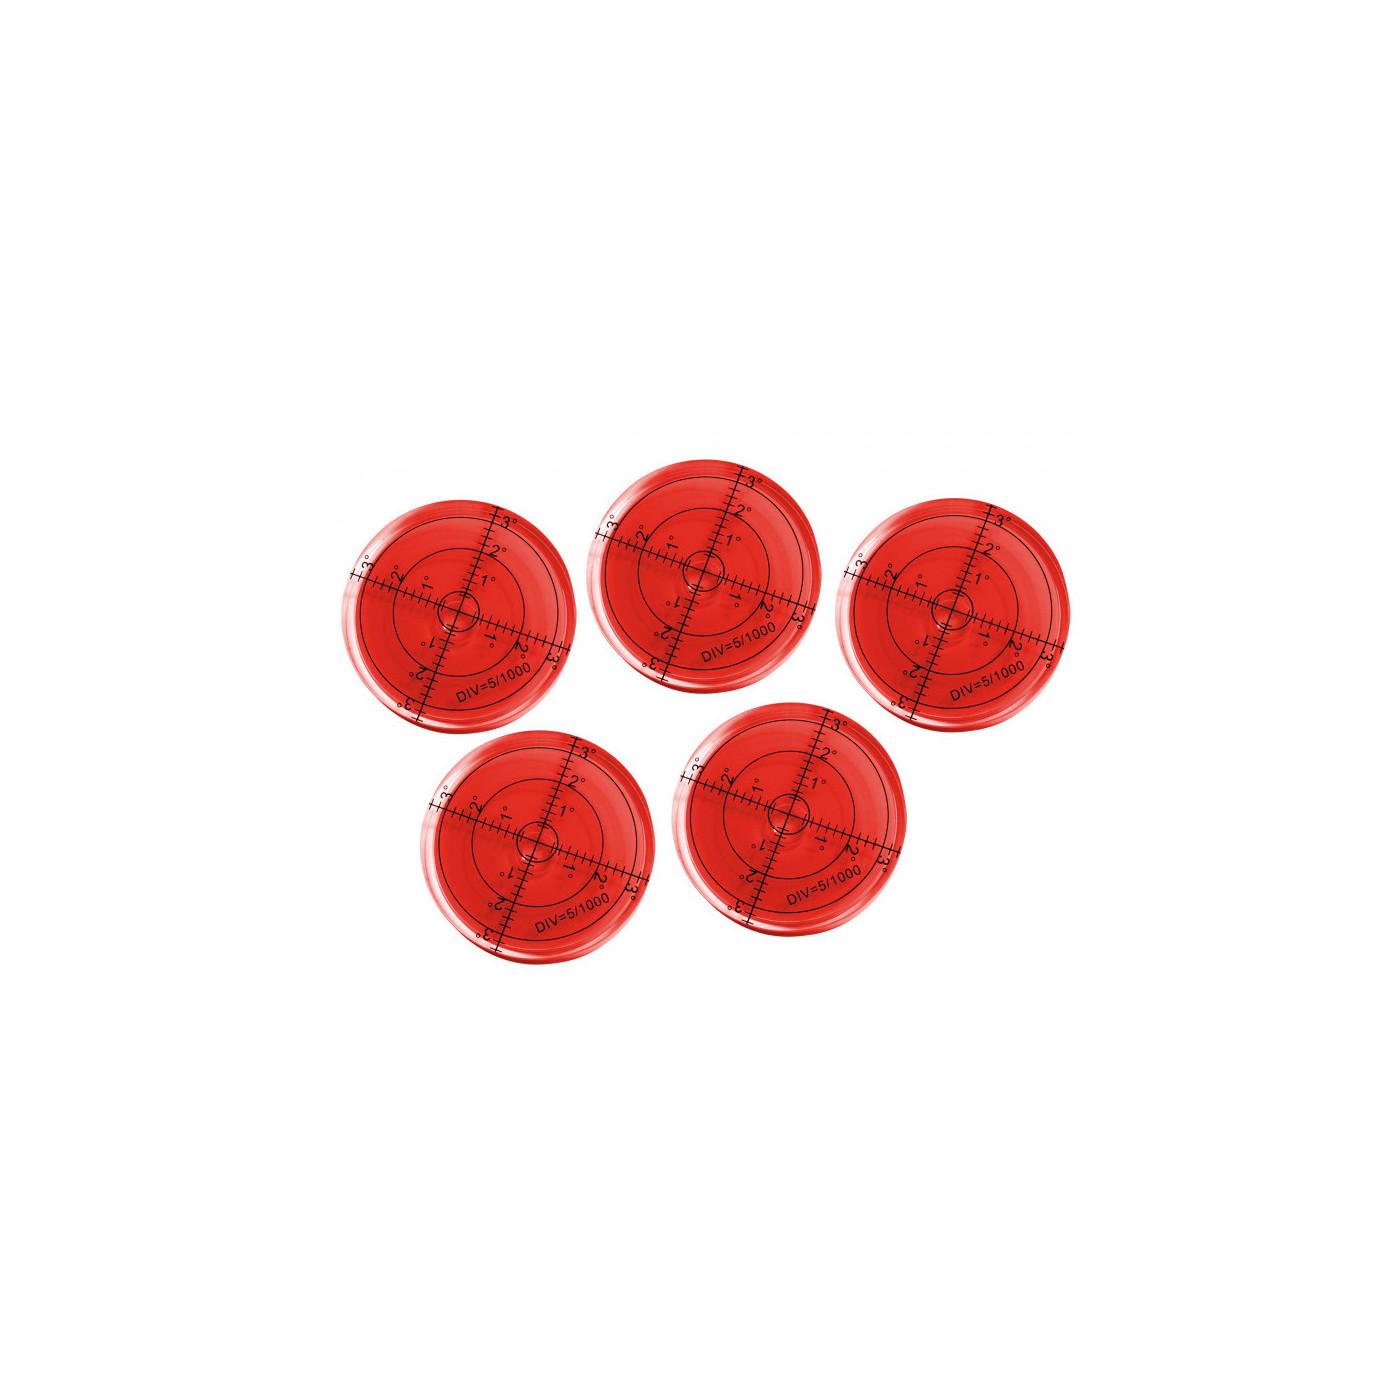 Set von 5 runde Wasserwaagen (66x11 mm, rot)  - 1